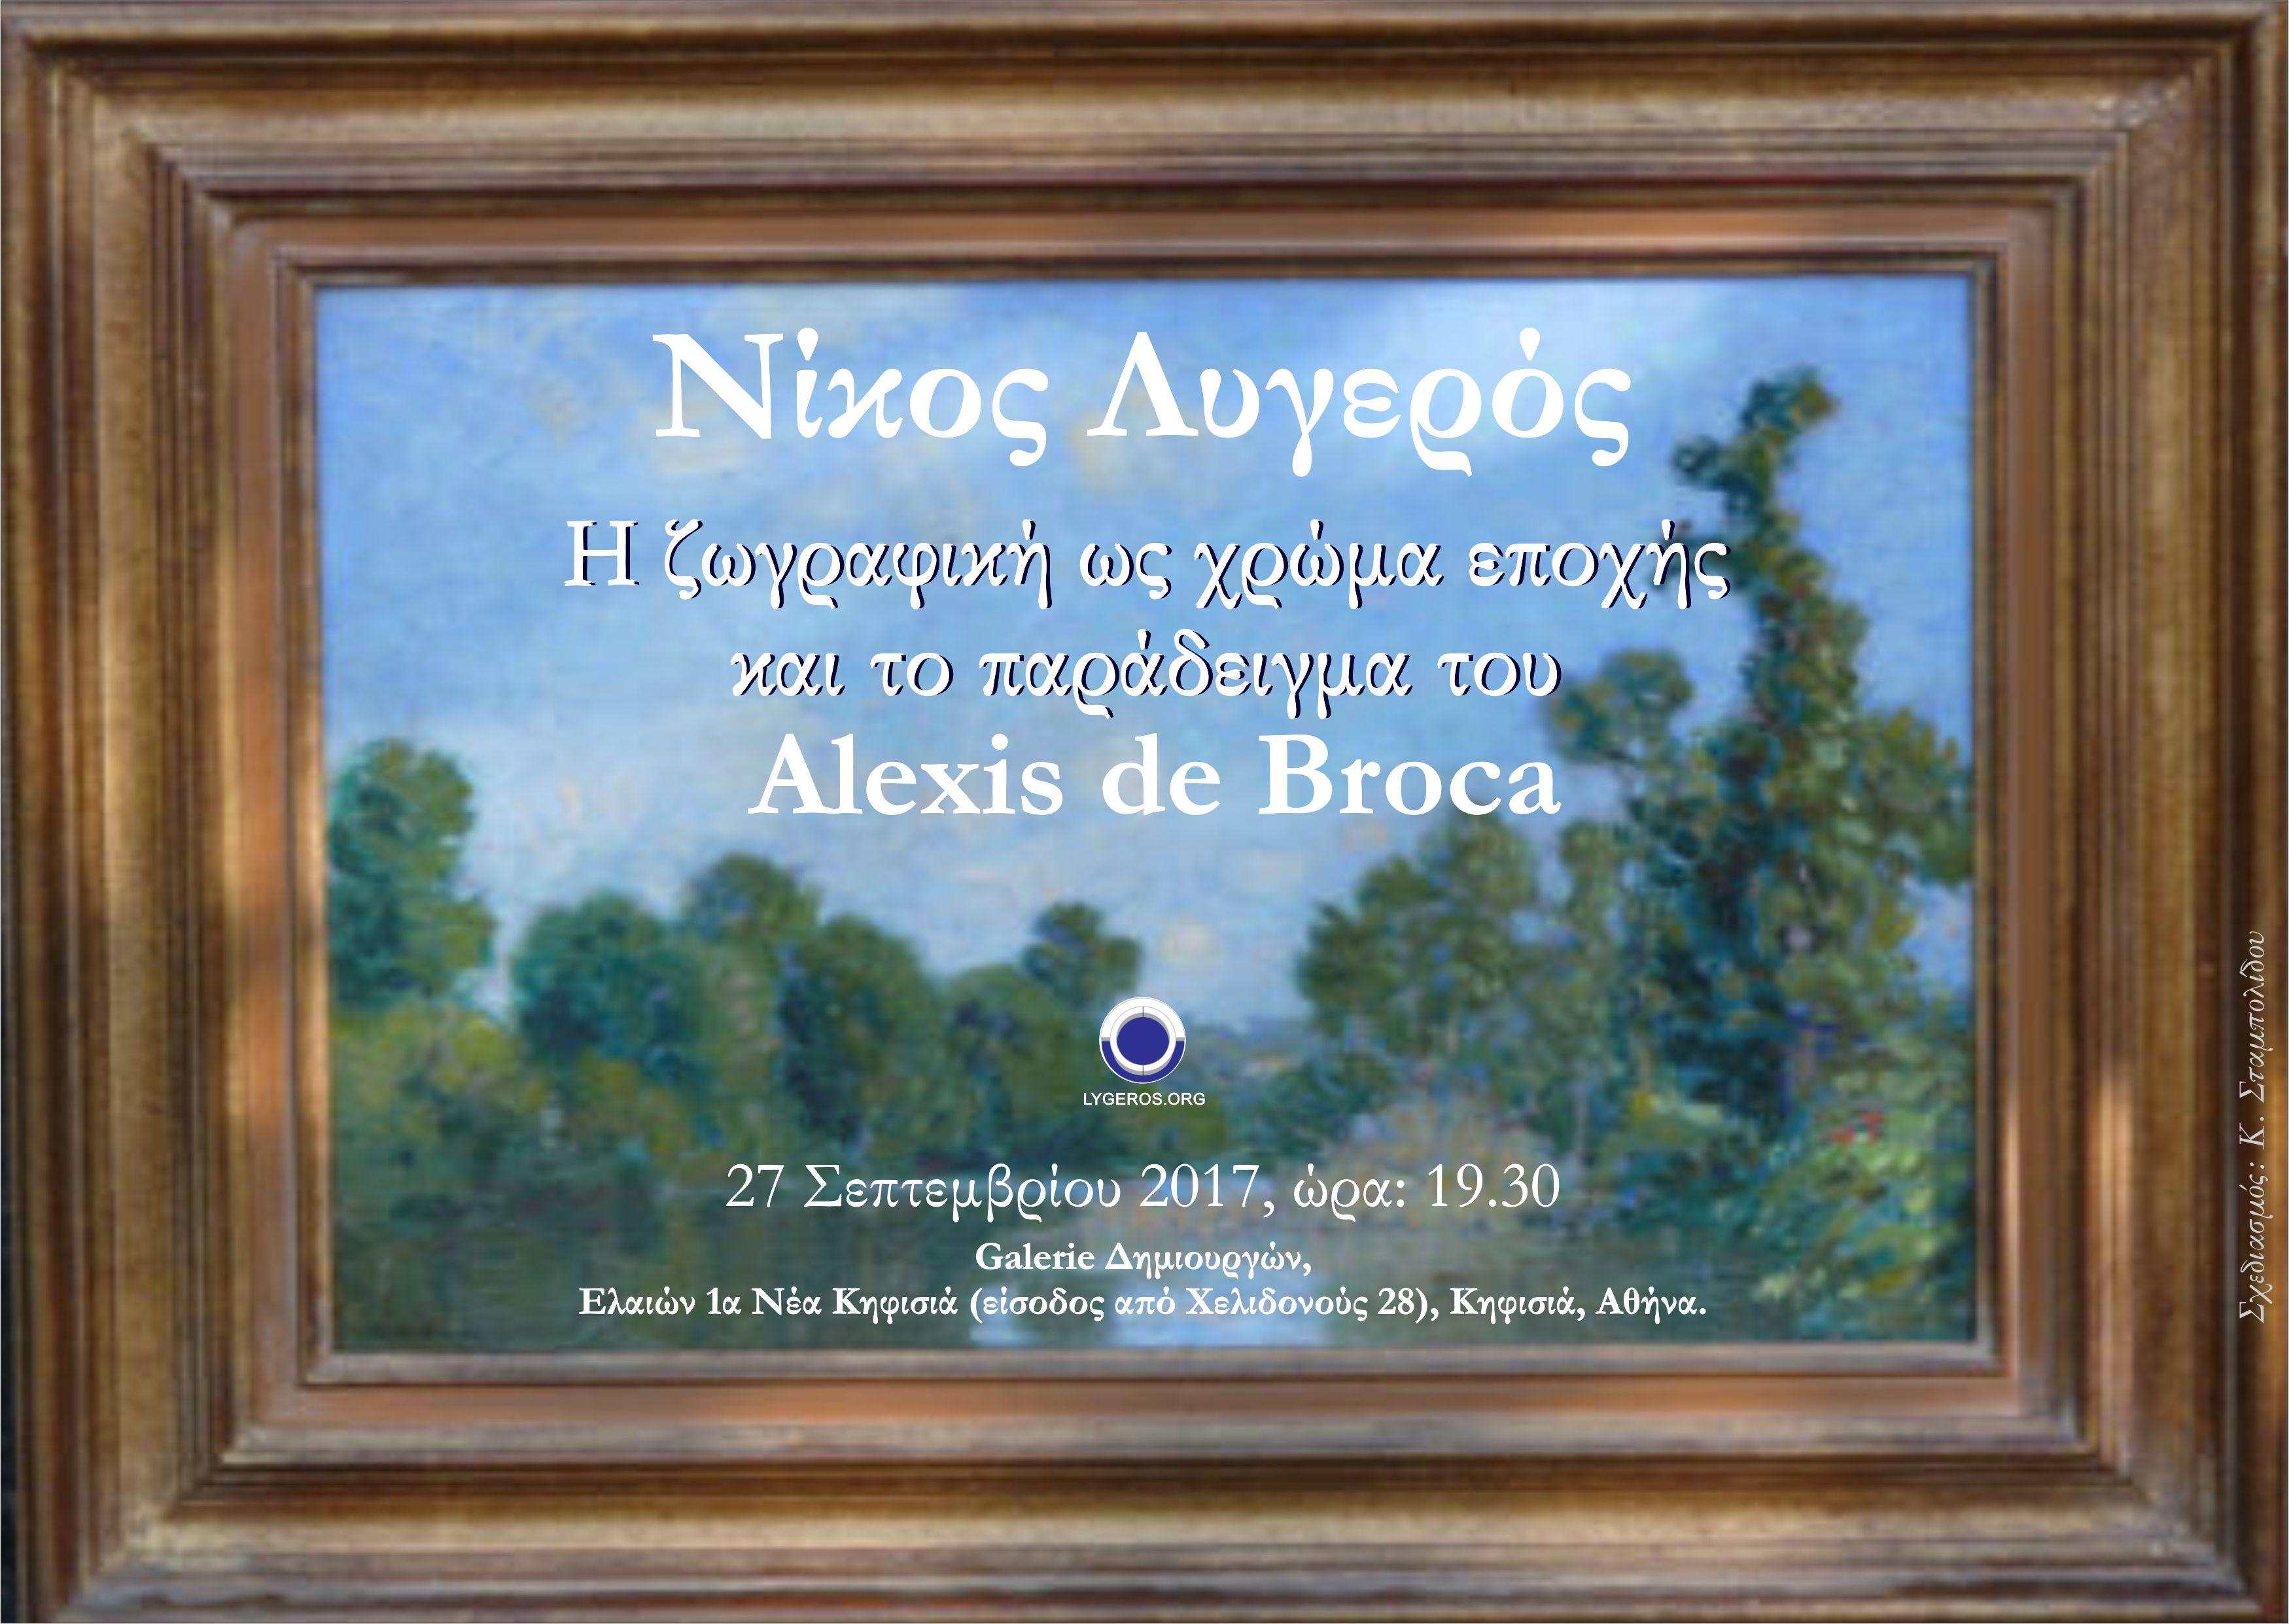 Η ζωγραφική ως χρώμα εποχής και το παράδειγμα του Alexis de Broca